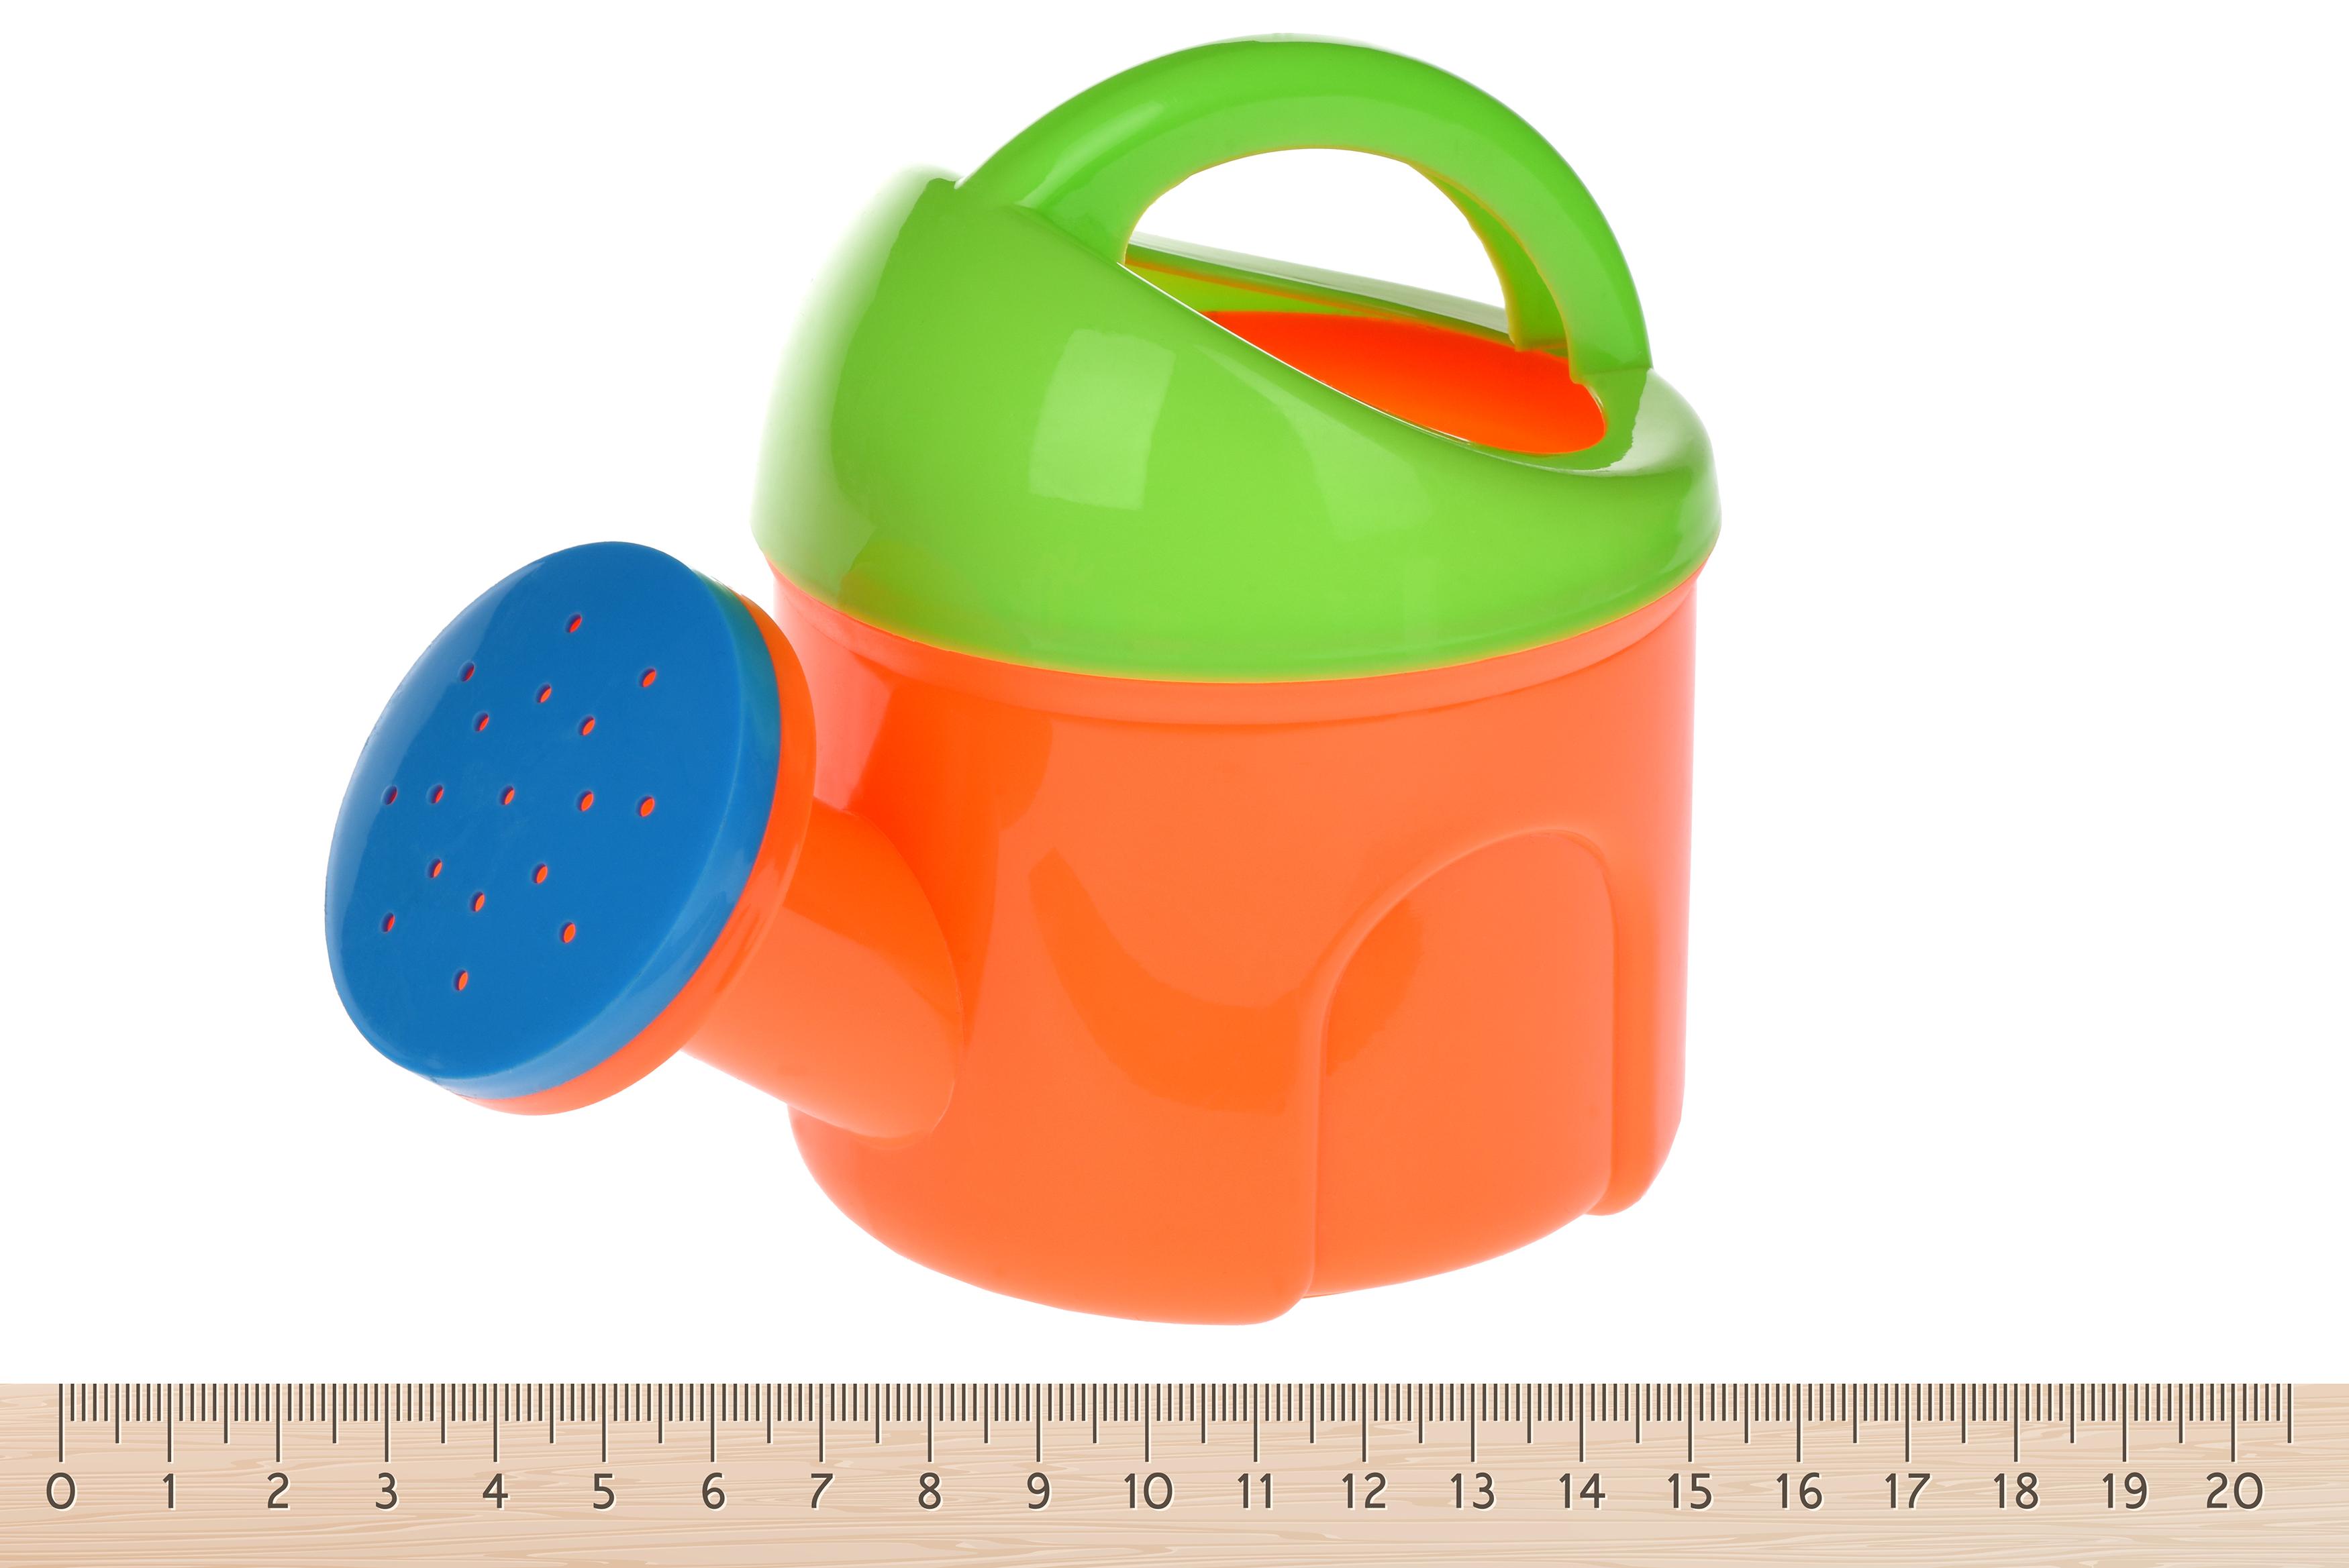 Same Toy Набір для гри з піском із Повітряною вертушкою (помаранчева лійка) 4 шт.